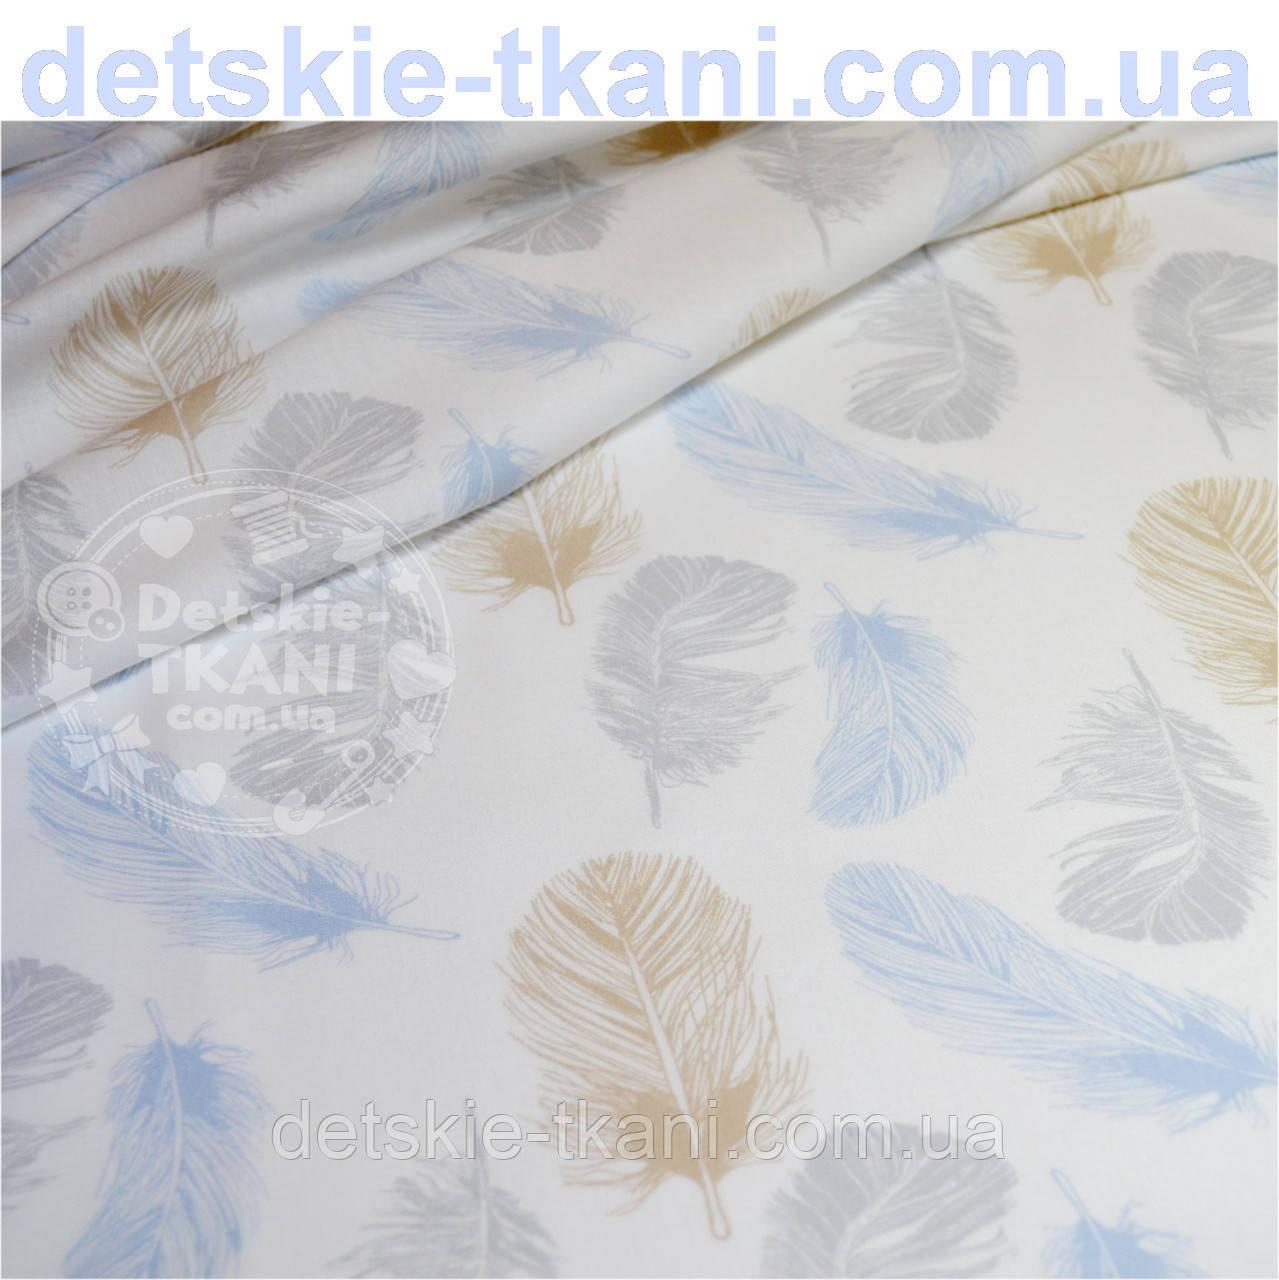 Ткань хлопковая с голубыми, серыми и коричневыми пёрышками  № 586